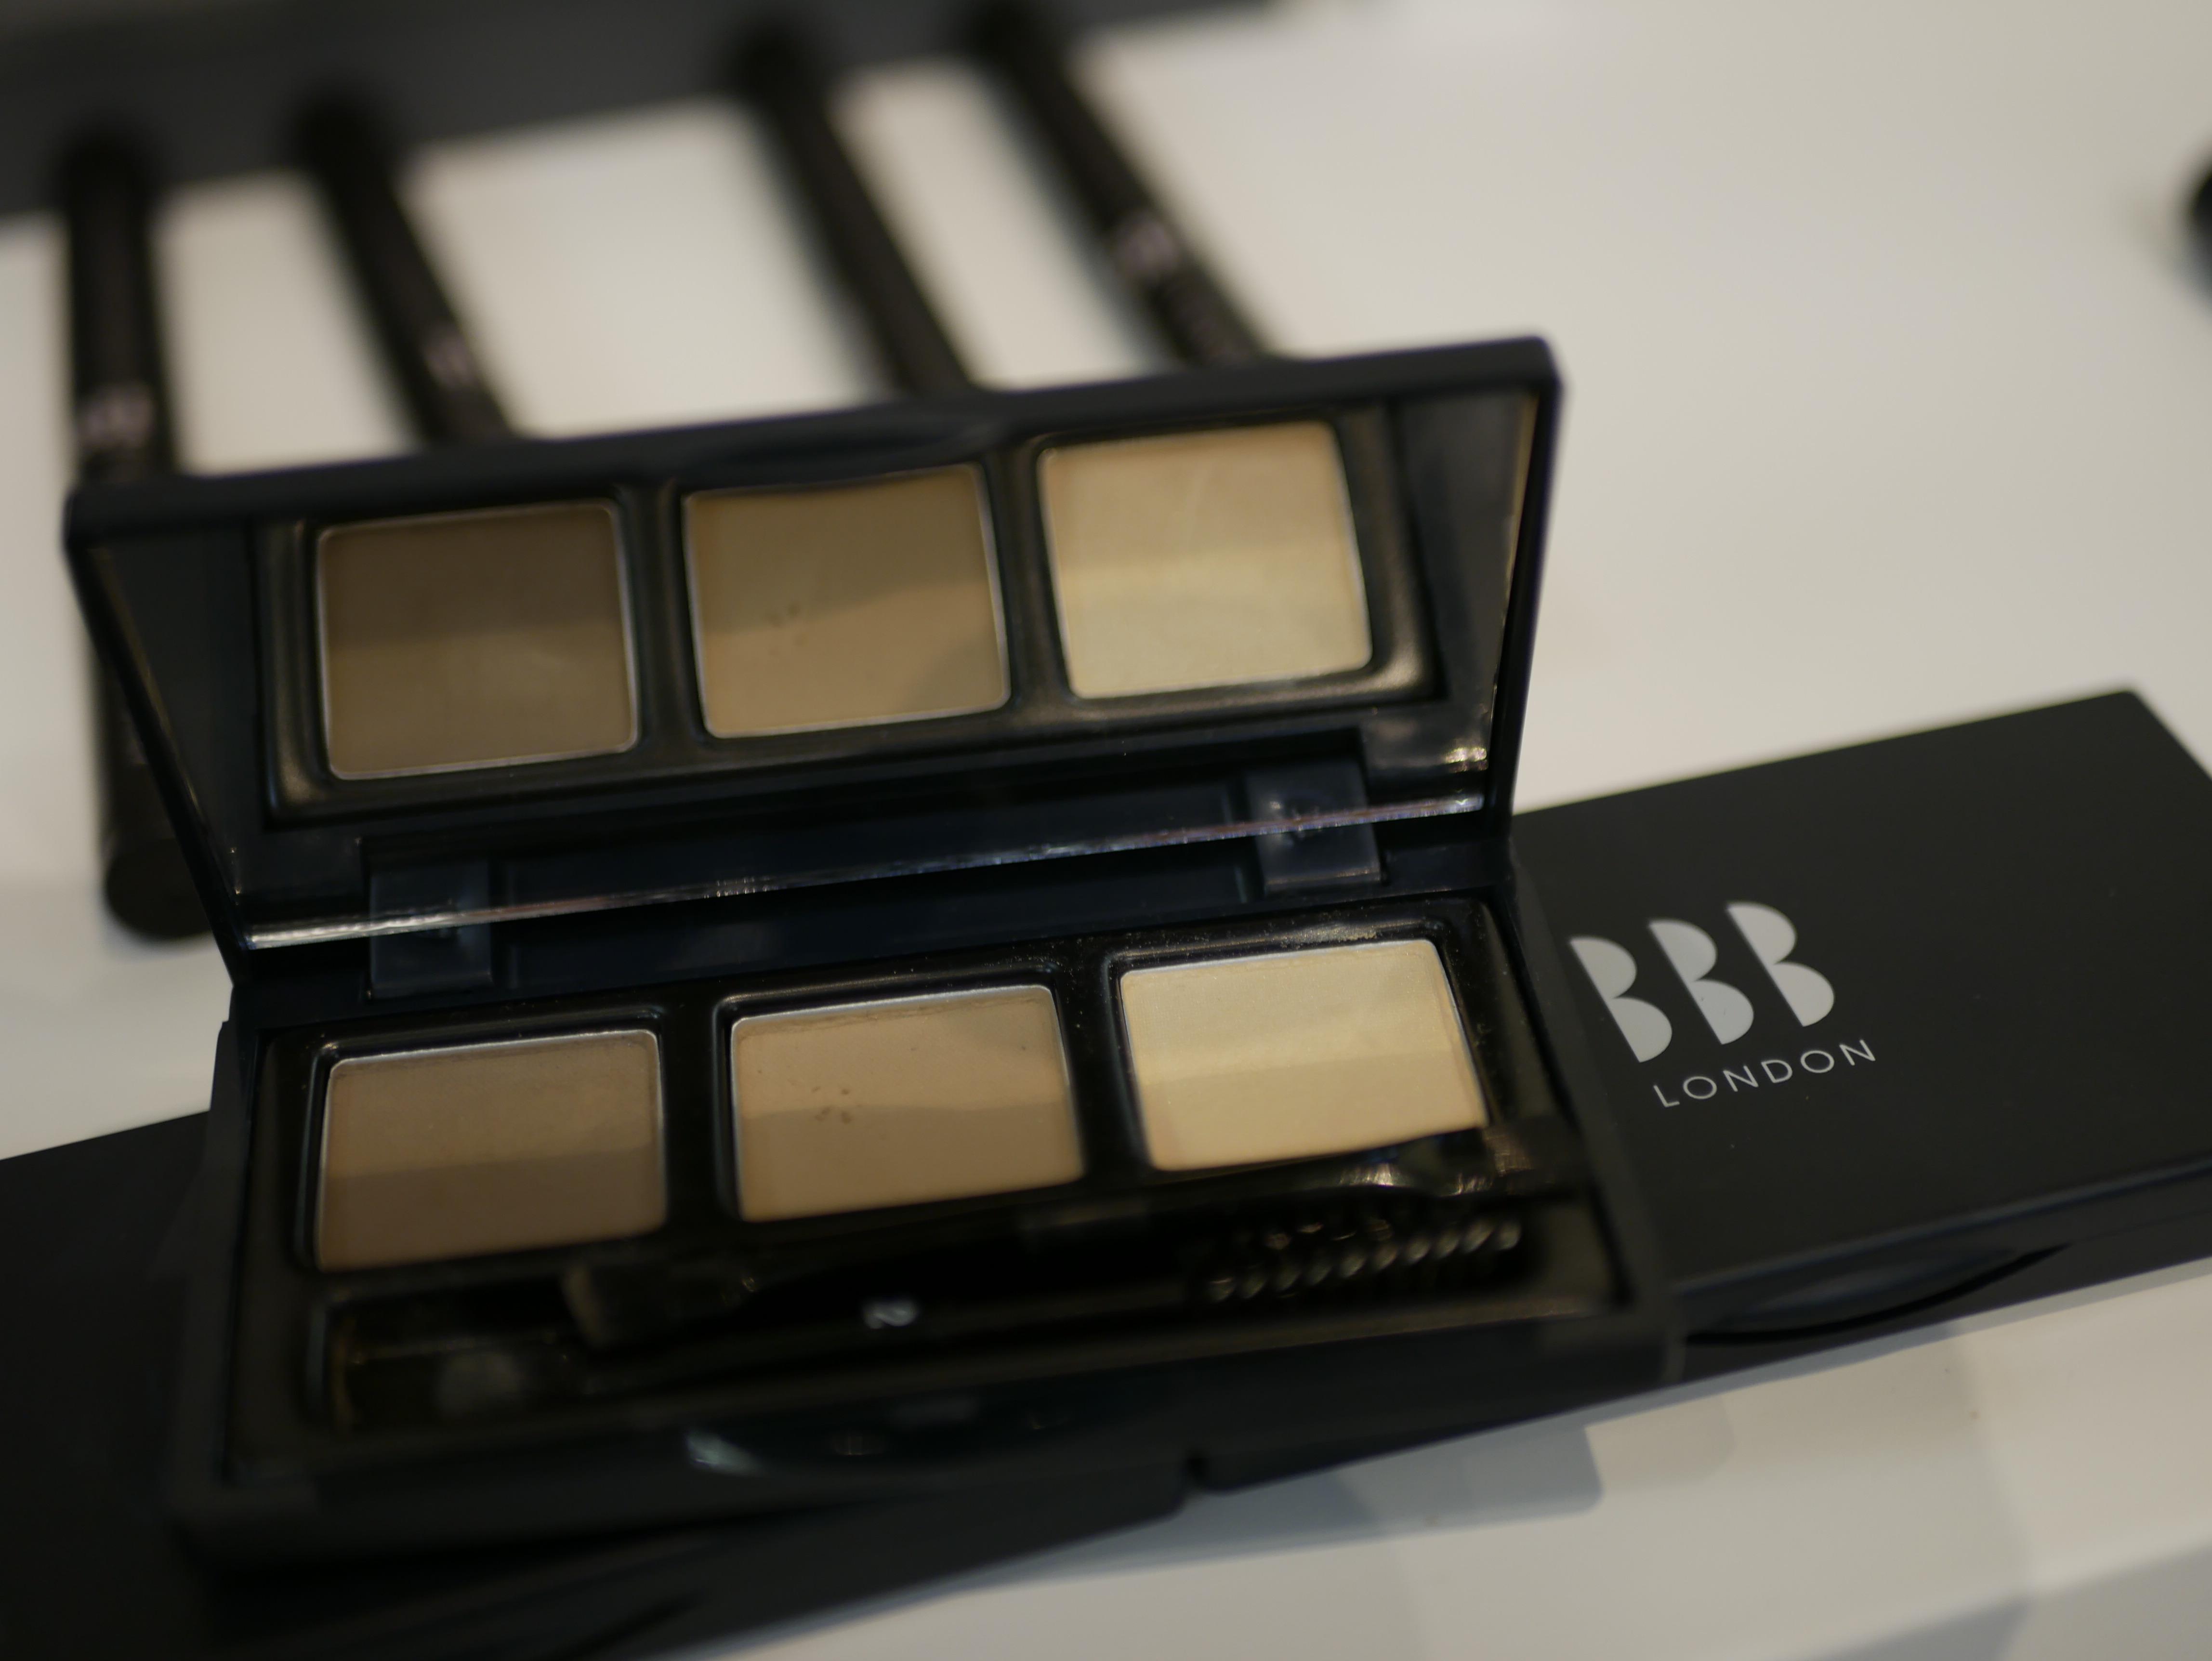 BBB London var ett nytt märke från london som gör ögonbrynsprodukter i bra färger och med smarta hjälpmedel som underlättar appliceringen